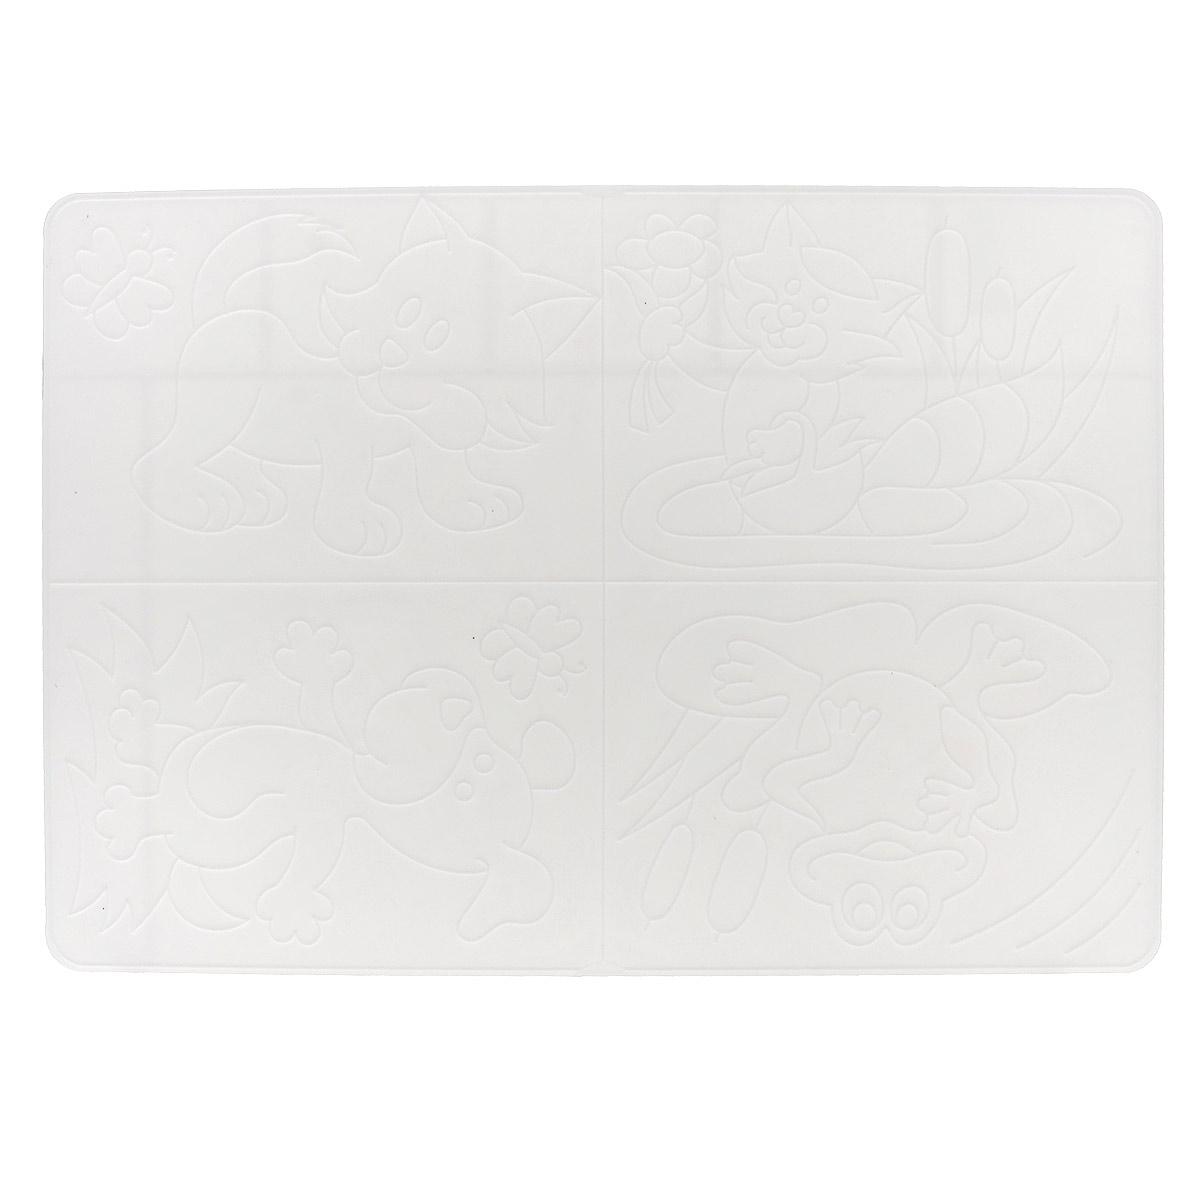 Доска для лепки Луч, пластиковая, №3. 17С 1172-0817С 1172-08Доска для лепки Луч - многофункциональный атрибут творческой деятельности. Благодаря универсальности материала, доску можно использовать как для защиты стола во время творчества ребенка, например, во время лепки, так и элемент для создания аппликации. Для этого рельефные рисунки переводятся на бумагу, а затем, с помощью пластилина, создается картинка. Доска изготовлена из мягкого пластика и легко отмывается от загрязнений.Доска для лепки Луч поможет ребенку развить творческие способности, воображение и мелкую моторику рук.Формат А4.